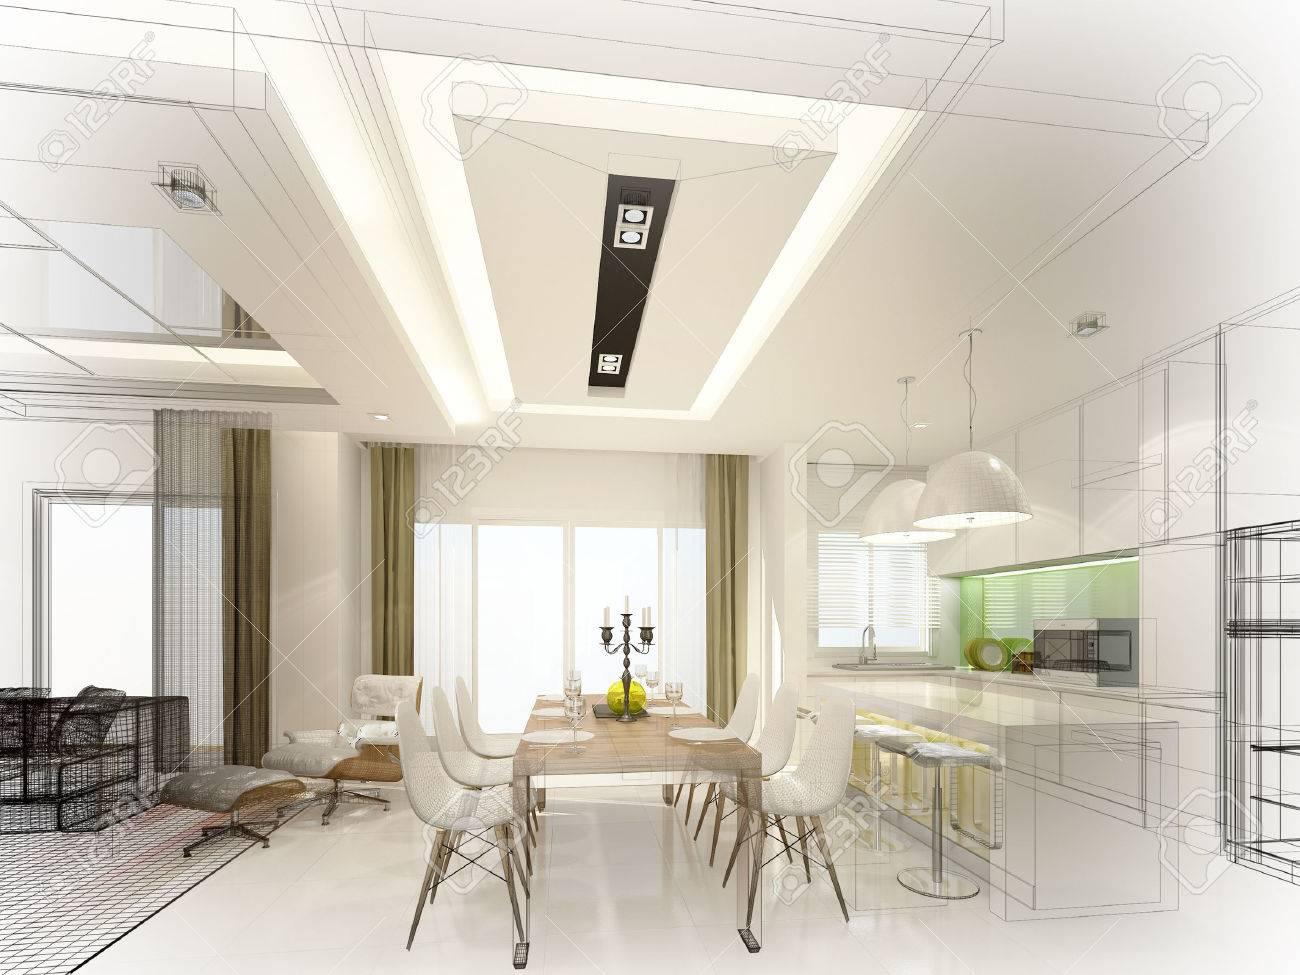 Conception De Croquis Abstrait De Salle à Manger Intérieure Et Une Salle De Cuisine 3d